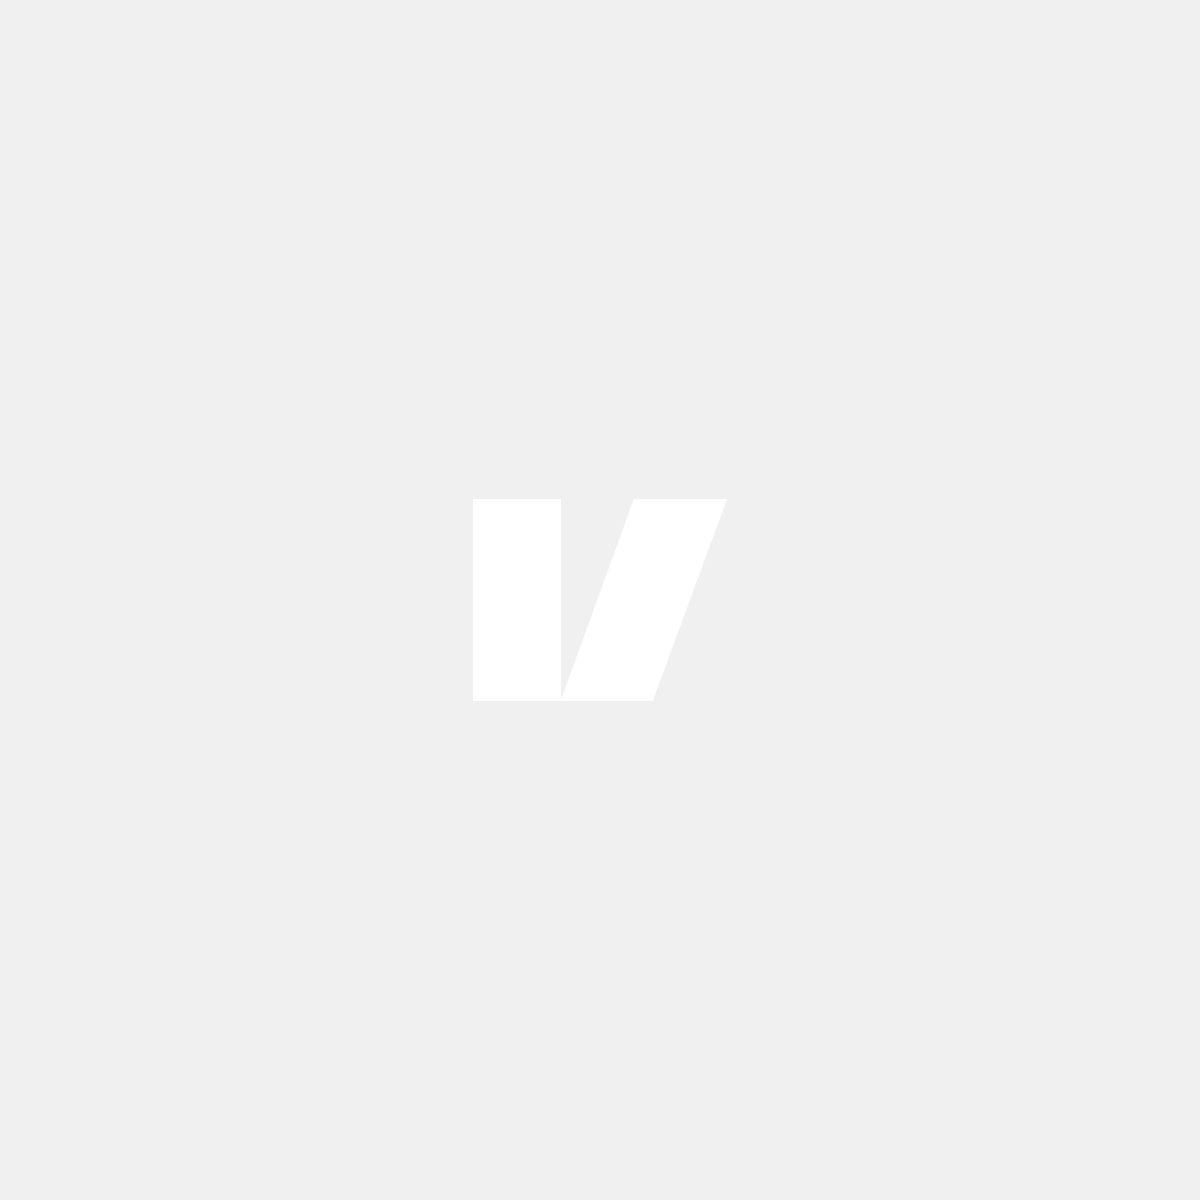 Sportgrill, helsvart till Volvo S70, V70, C70